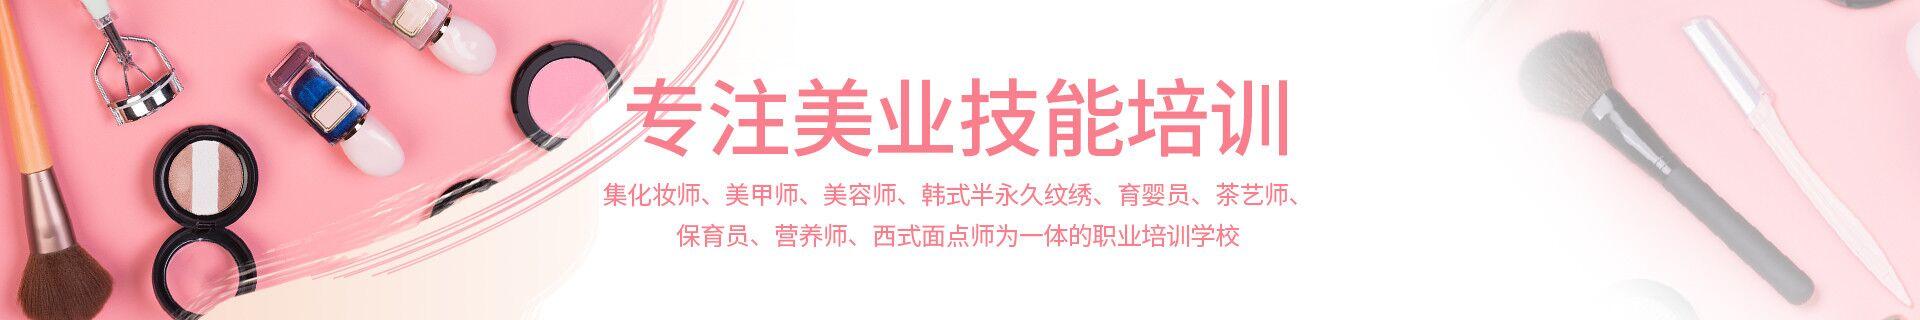 重庆九龙坡区峰翎职业培训学校